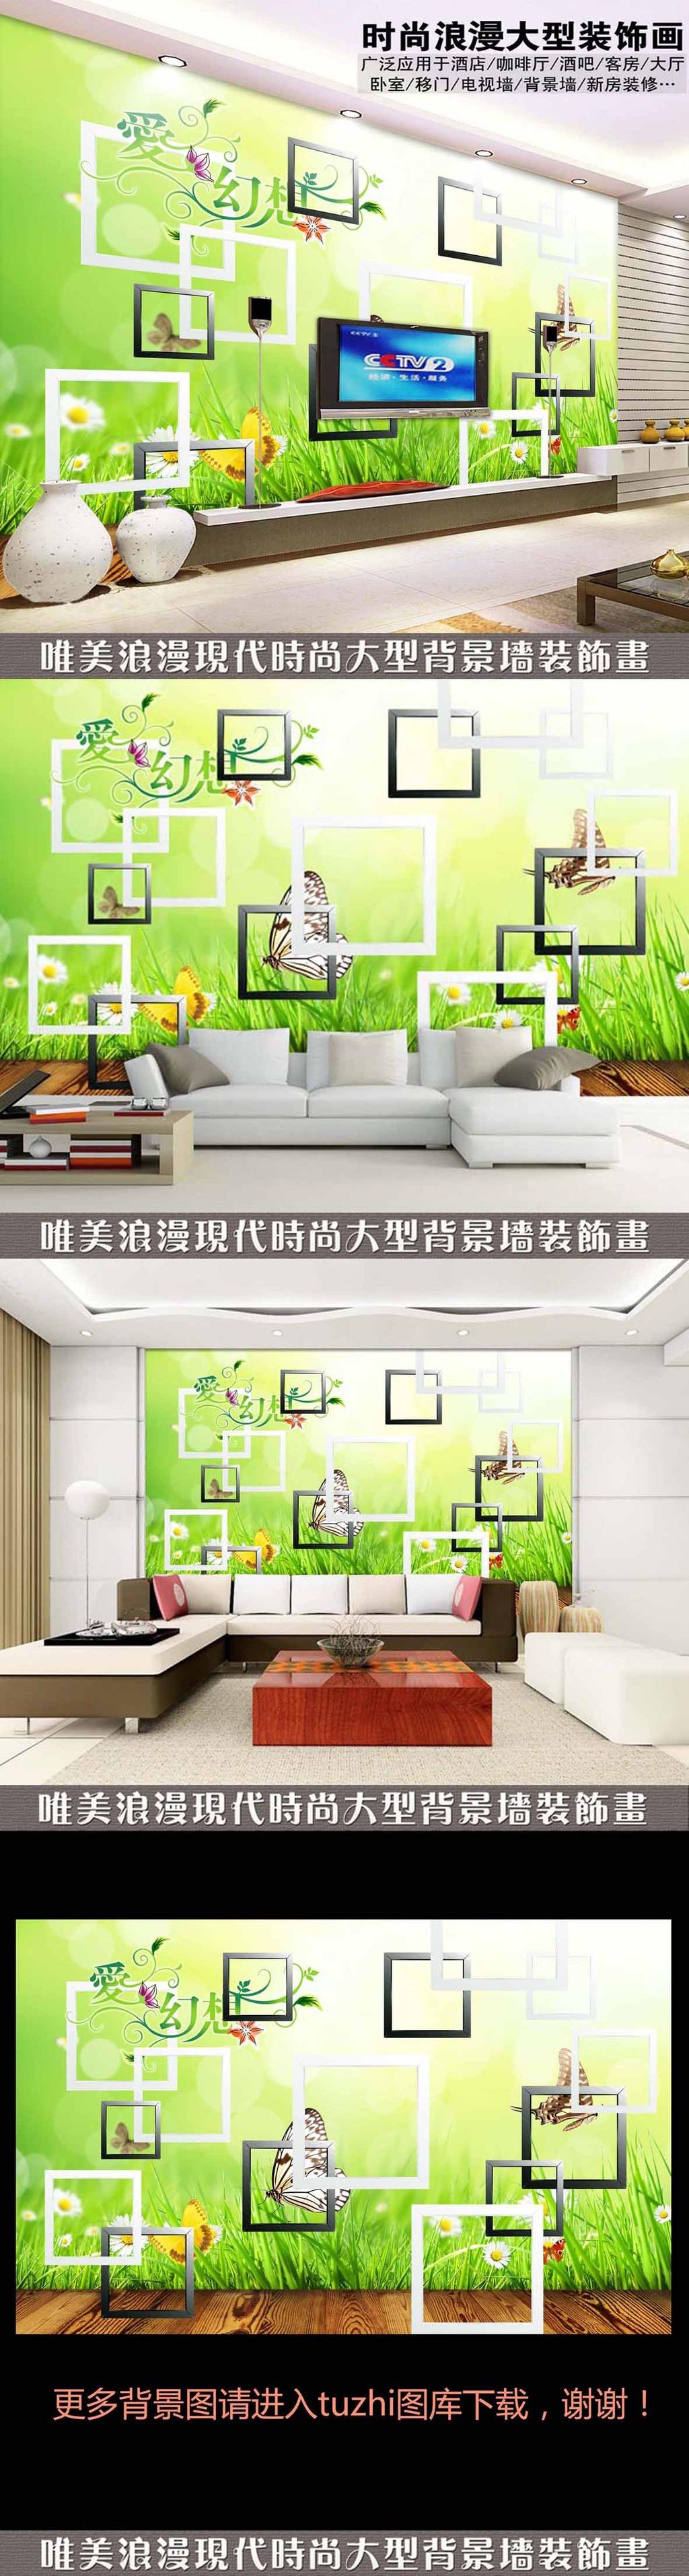 3d立体绿色卡通春天风景唯美电视背景墙